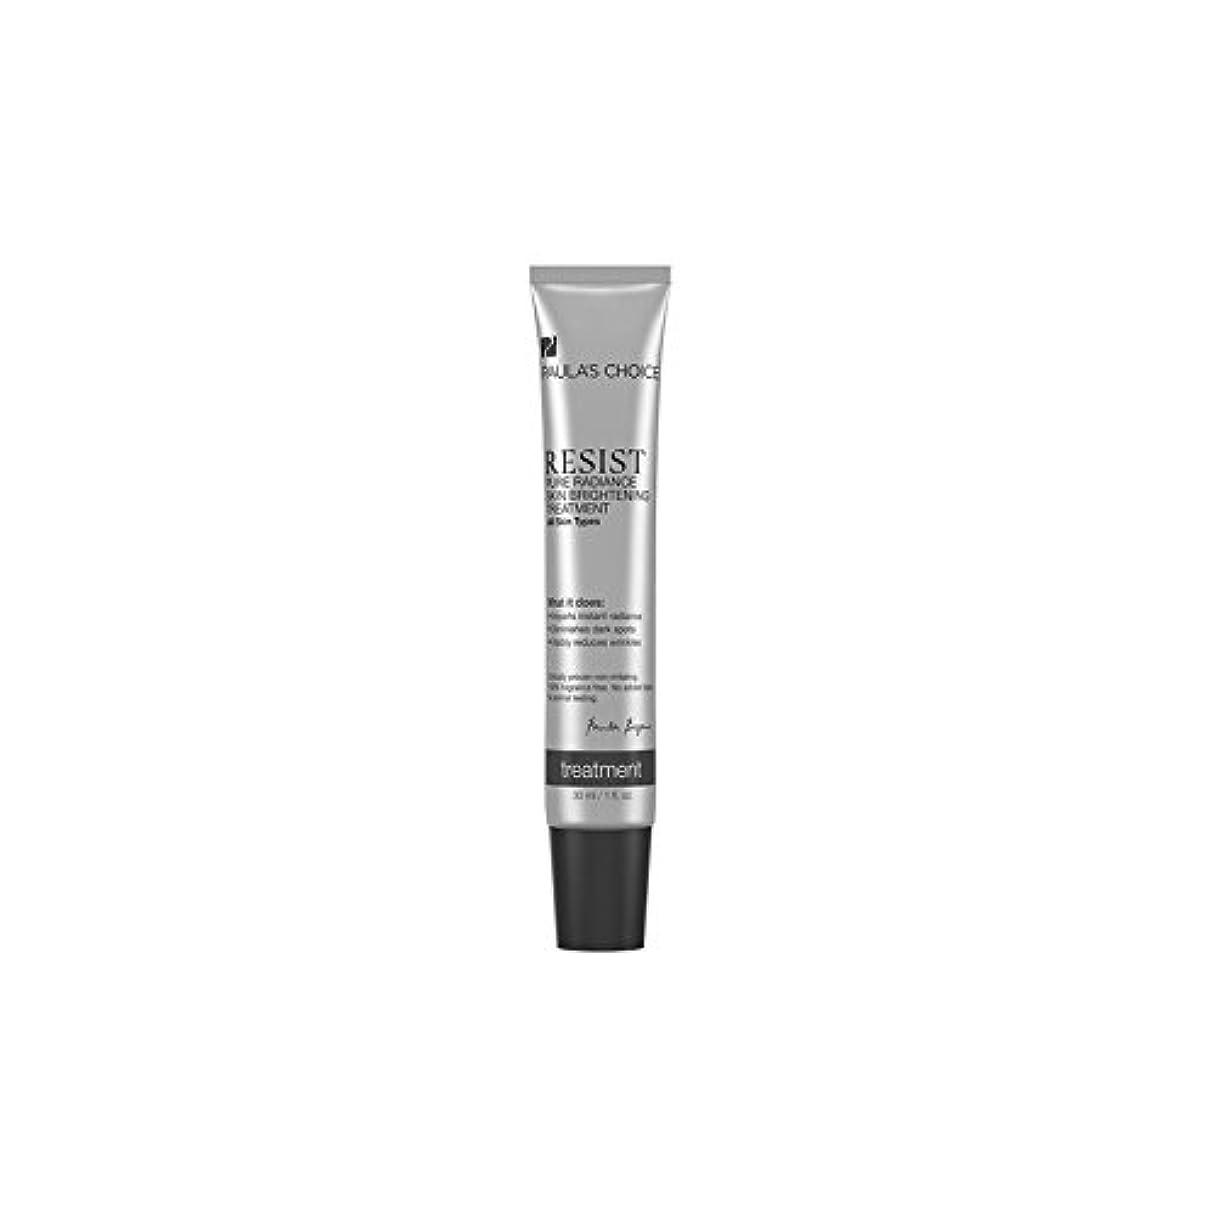 サーキュレーション落とし穴無声でポーラチョイスは純粋な輝き肌ブライトニングトリートメント(30ミリリットル)を抵抗します x4 - Paula's Choice Resist Pure Radiance Skin Brightening Treatment...